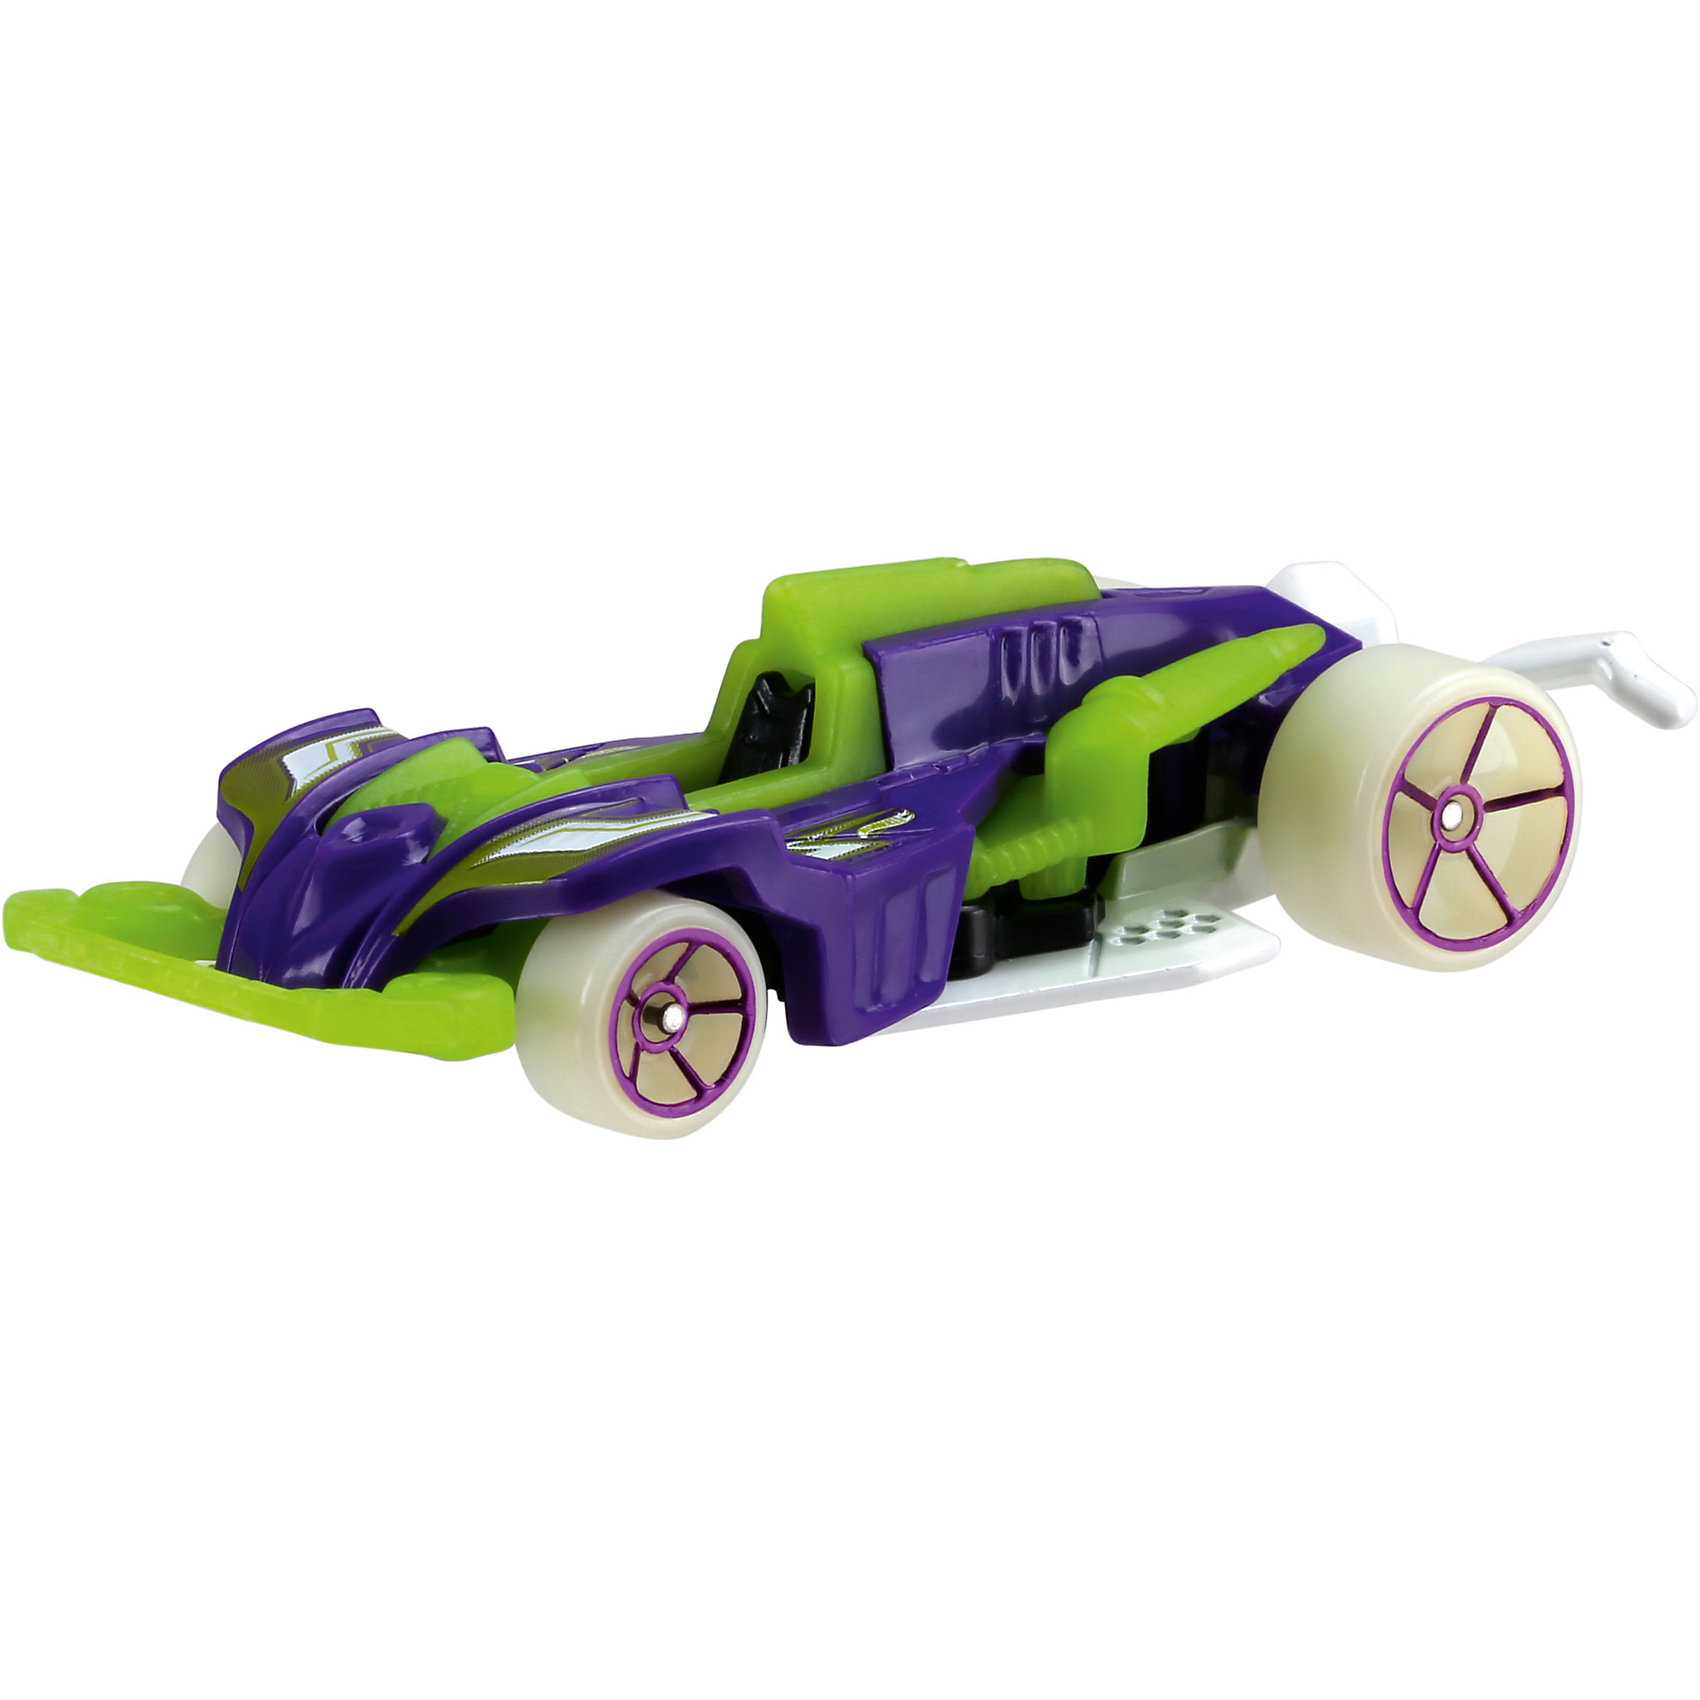 Машинка Hot Wheels из базовой коллекцииМашинки<br>Машинка Hot Wheels из базовой коллекции – высококачественная масштабная модель машины, имеющая неординарный, радикальный дизайн. <br><br>В упаковке 1 машинка,  машинки тематически обусловлены от фантазийных, спасательных до экстремальных и просто скоростных машин. <br><br>Соберите свою коллекцию машинок Hot Wheels!<br><br>Дополнительная информация: <br><br>Машинка стандартного размера Hot Wheels<br>Размер упаковки: 11 х 10,5 х 3,5 см<br><br>Ширина мм: 110<br>Глубина мм: 45<br>Высота мм: 110<br>Вес г: 30<br>Возраст от месяцев: 36<br>Возраст до месяцев: 96<br>Пол: Мужской<br>Возраст: Детский<br>SKU: 4901788